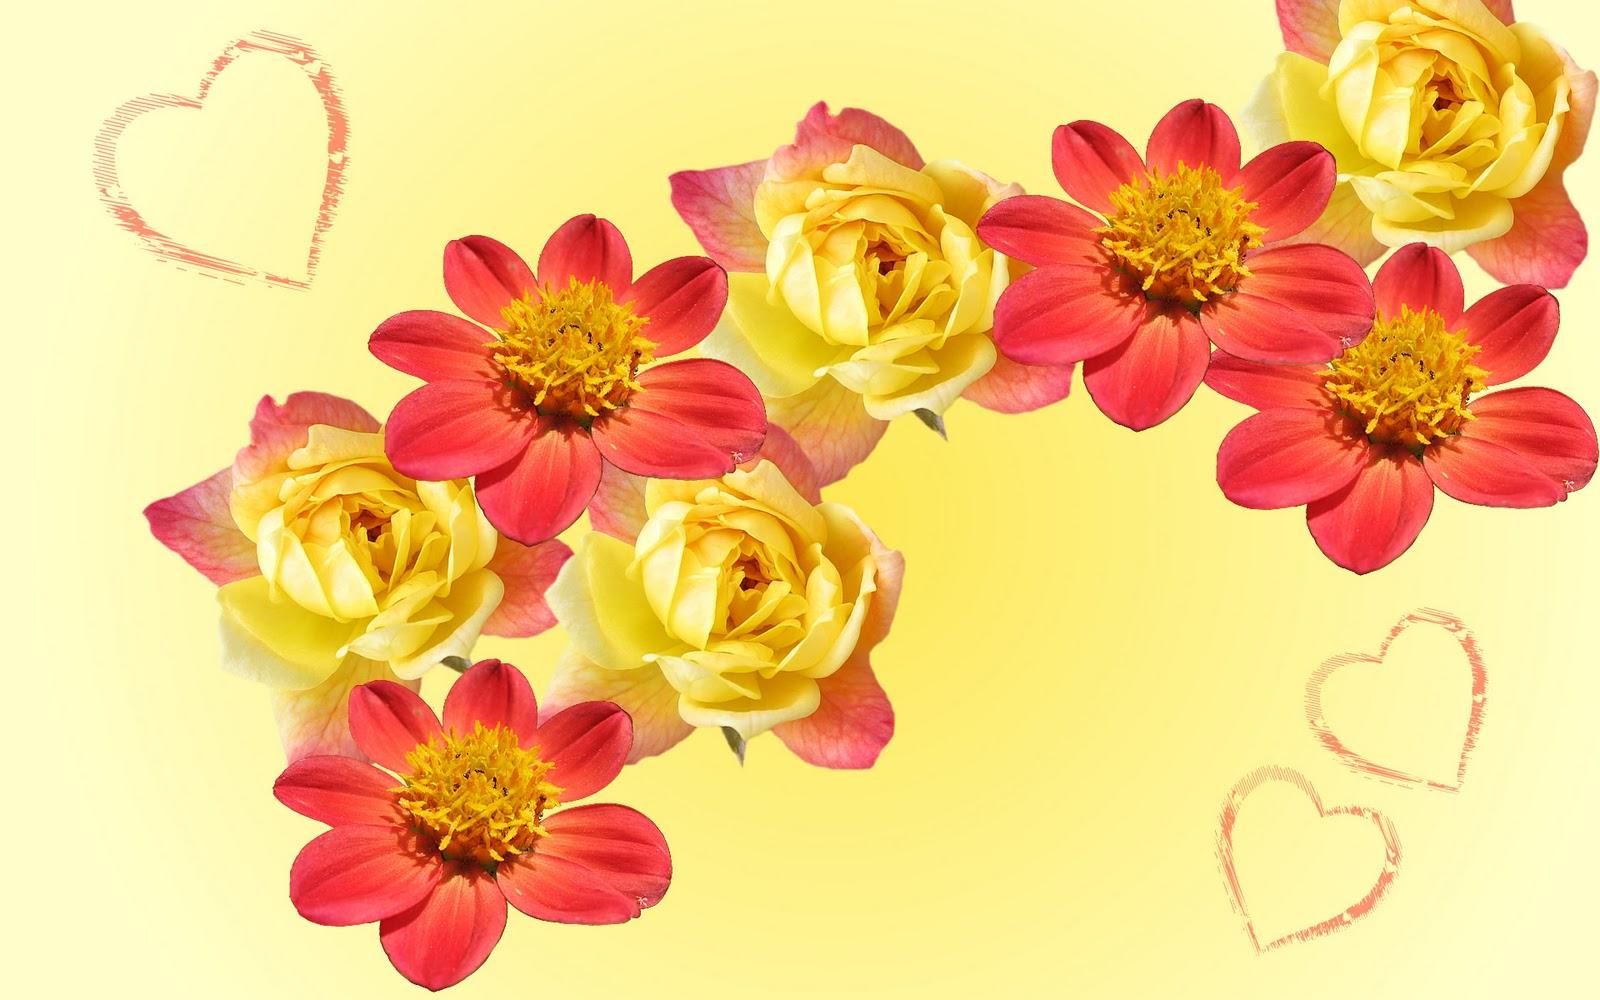 Planeta Wallpaper 5 Lindos papéis de parede de flores